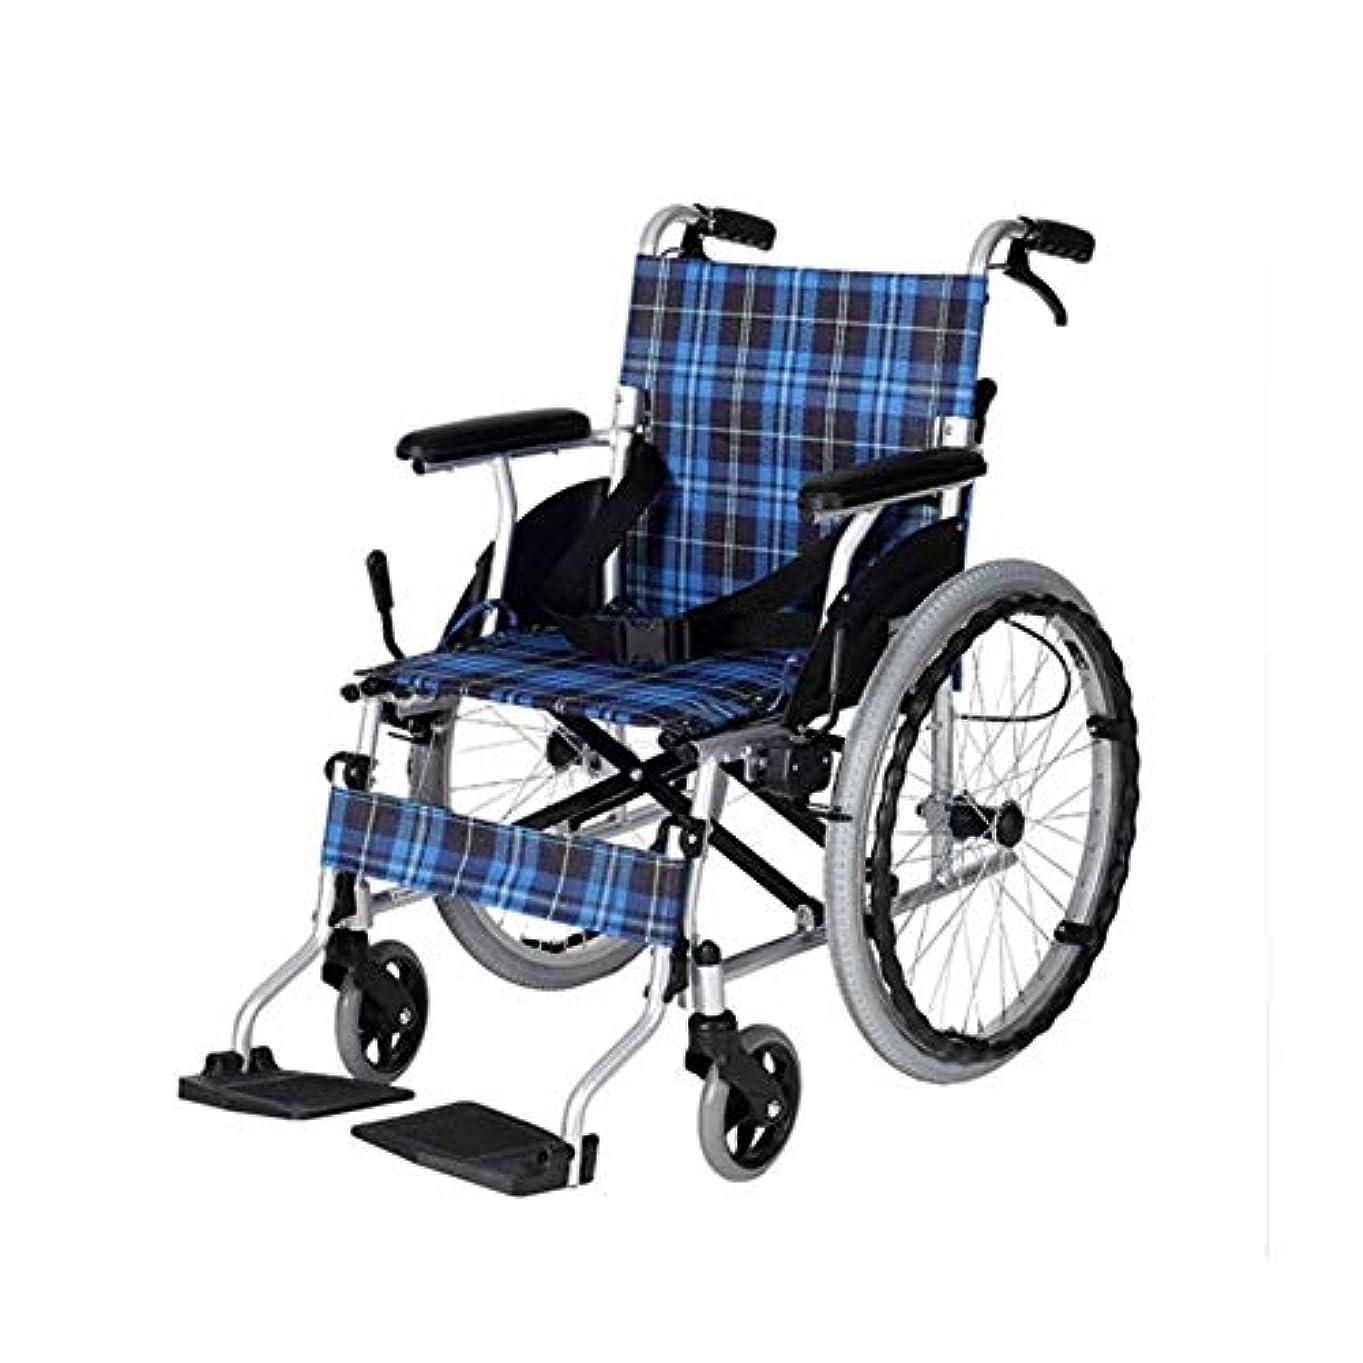 驚かす現実的かけがえのないデラックス自走式アルミニウム車椅子、軽量で折り畳み可能なフレームのビッグホイール、ハンドプッシュリング、フロントおよびリアブレーキコントロールチェア付き